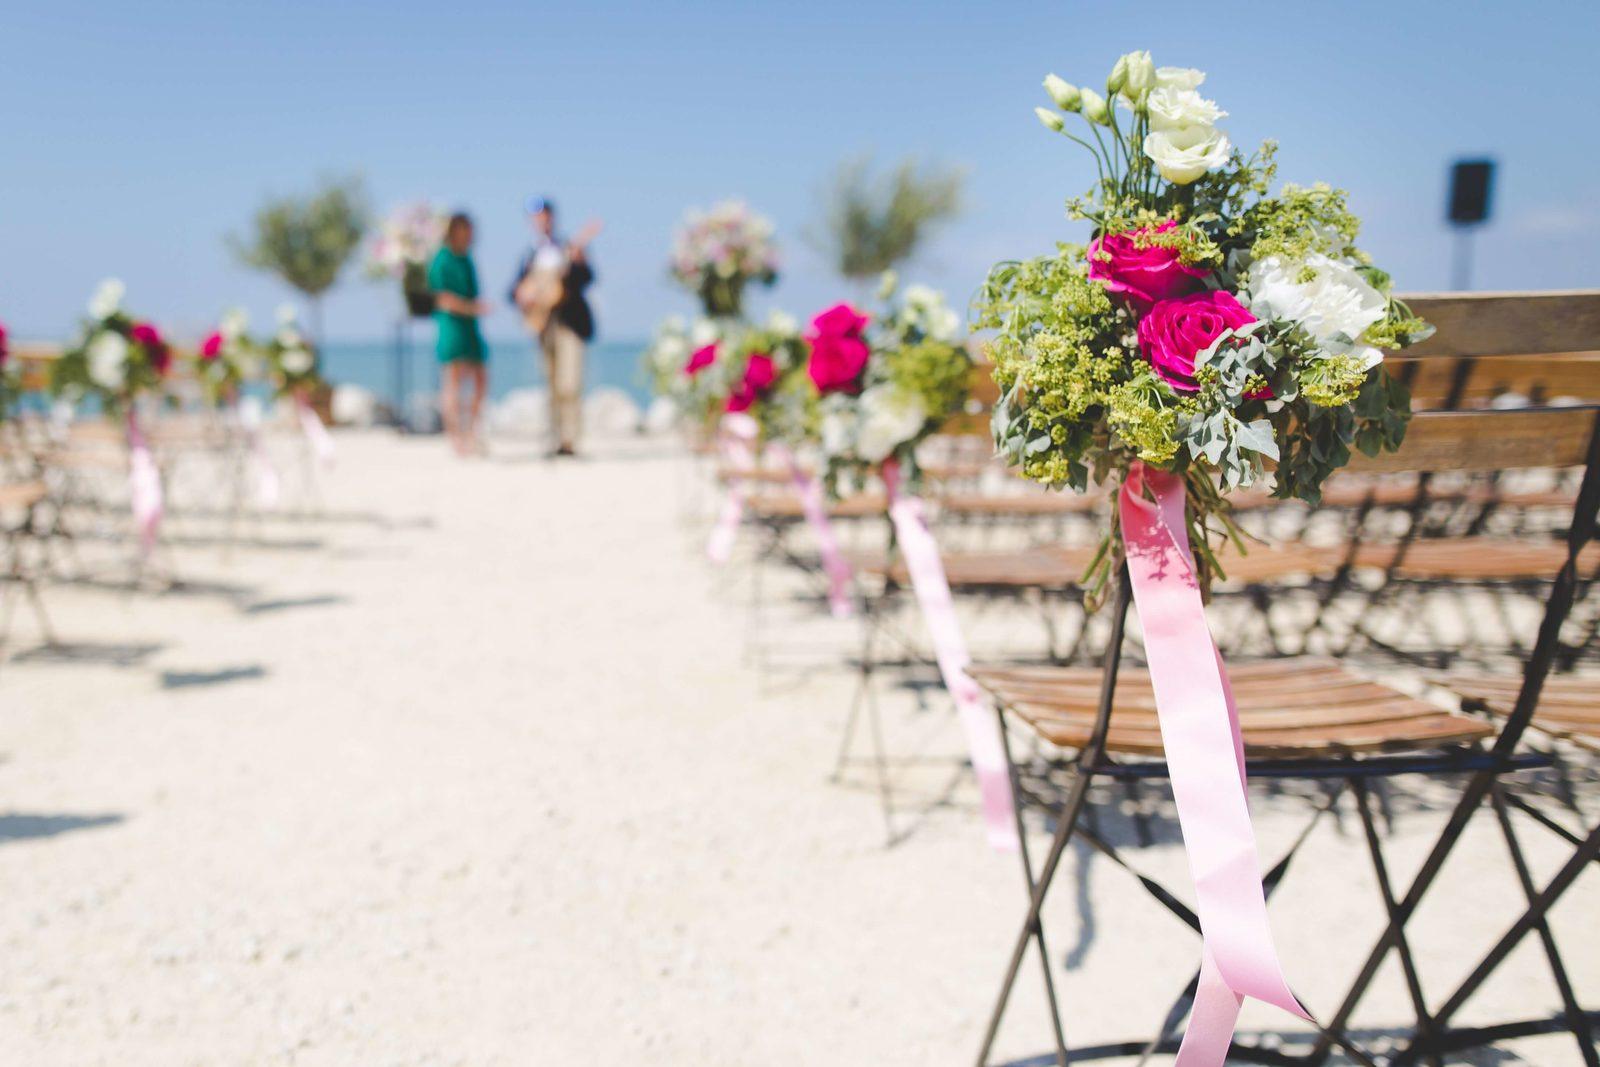 Trouwen op Resort Bonaire; een prachtig zandstrand om het ja-woord te geven aan jouw partner.